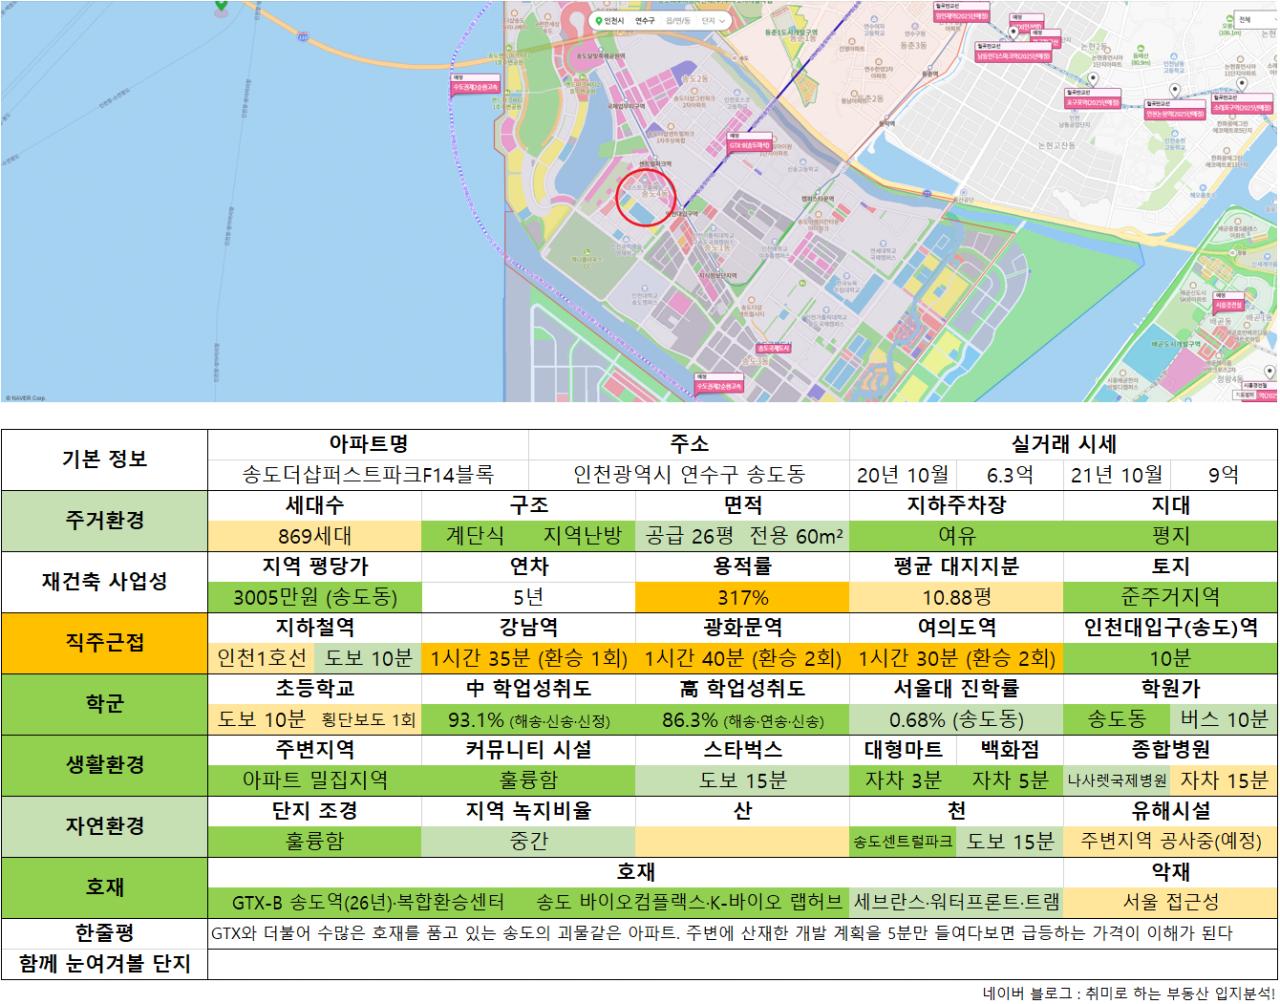 10_송도더샵퍼스트파크F14블록.png 수도권 9억 이하 아파트 추천 (ver. 21년 10월)